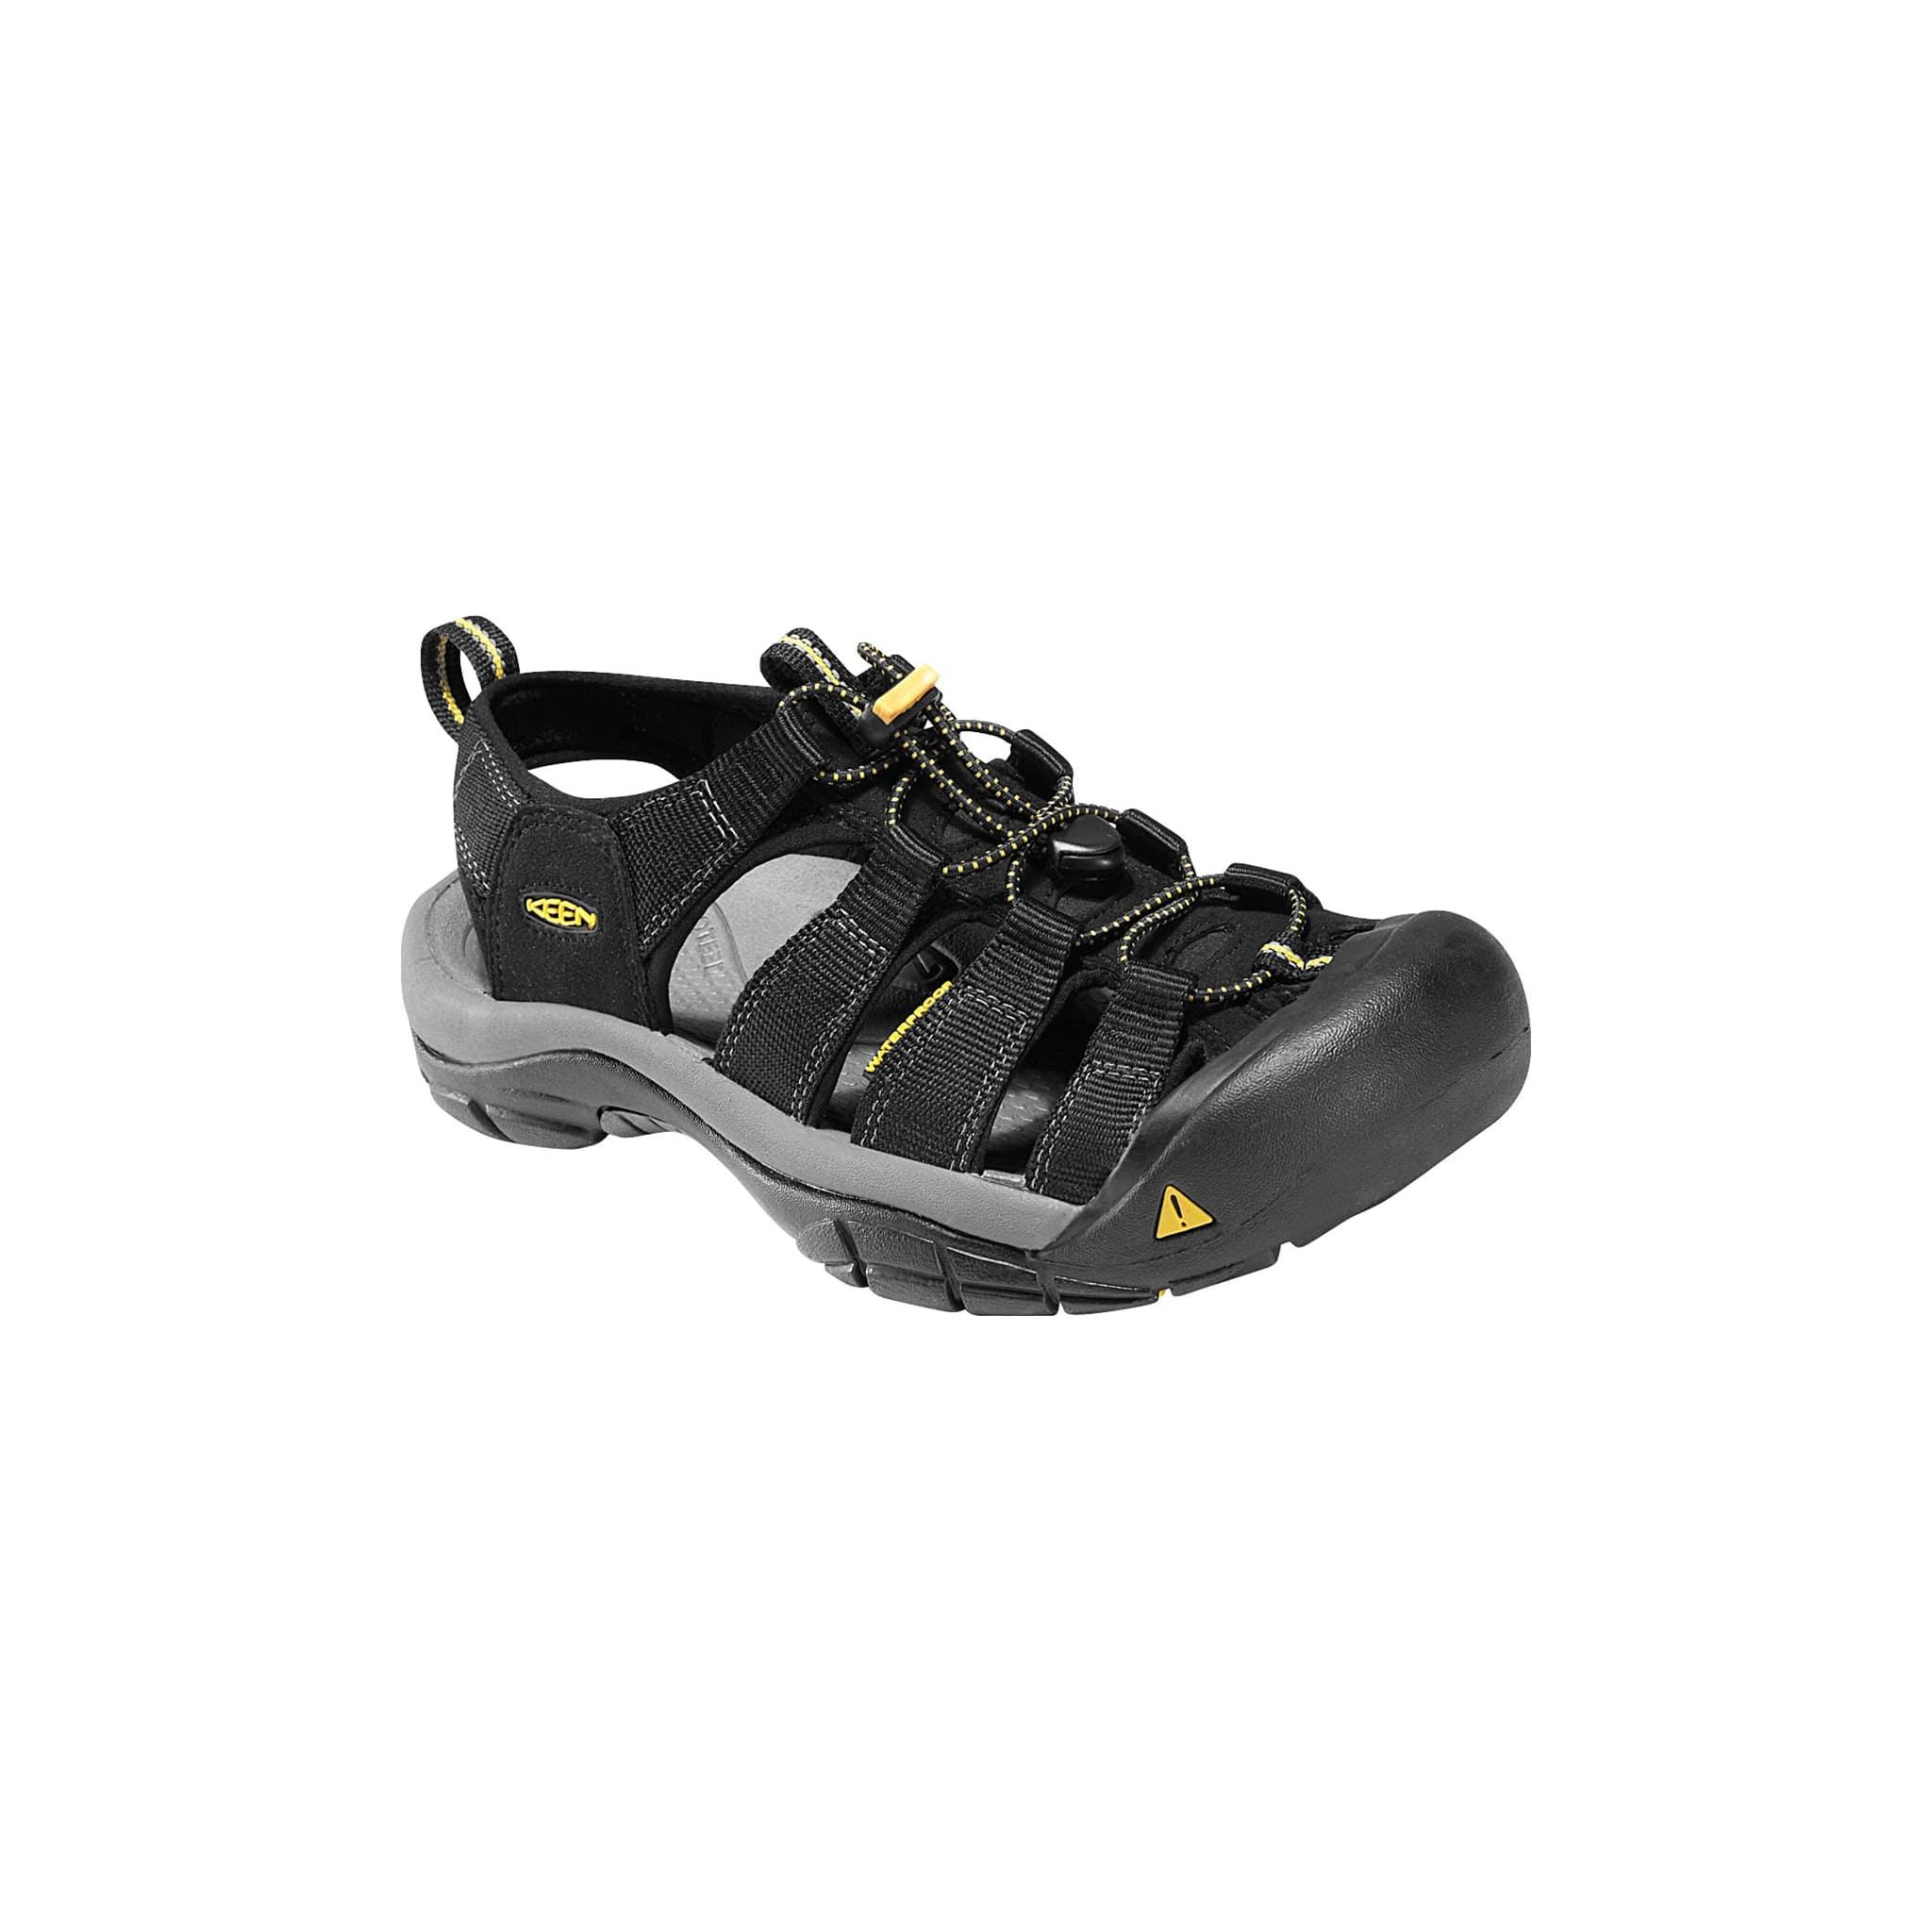 Kraftig sandal for reising og vandring i varmt vær